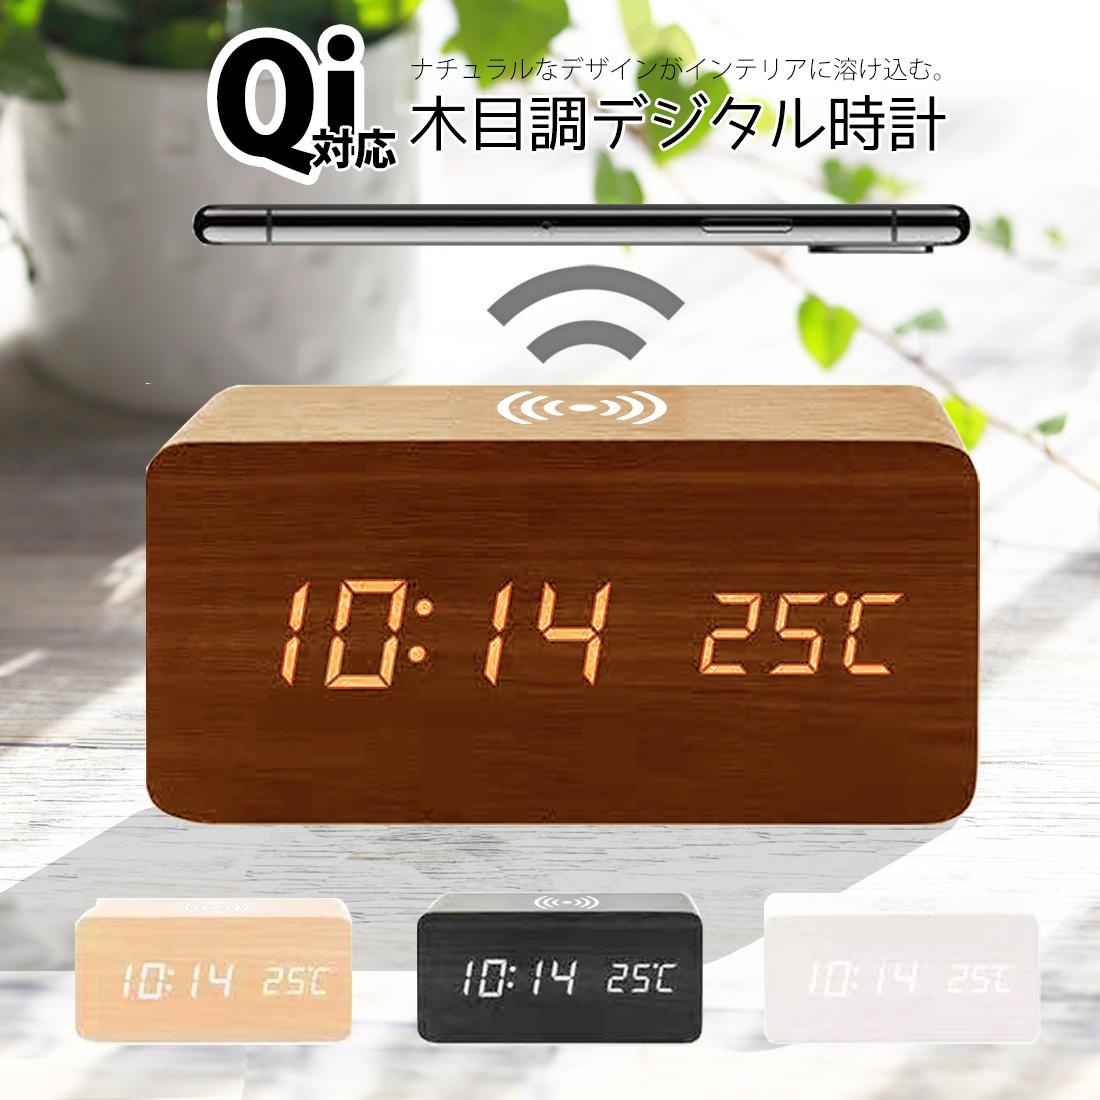 ナチュラルなデザインがどんなインテリアにも溶け込む 多機能 LED デジタル時計 Qi対応で楽々充電機能付き 時刻 温度表示 置き時計 目覚まし時計 韓国 商品 本日限定 木目 デジタル 時計 シンプル ナチュラル 木材 木製 チー 明るさ調整 インテリア センサー アラーム USB給電 充電 音感 実用的 軽量 カレンダー 乾電池 充電器 ワイヤレス 温度 母の日 スマホ充電 省エネ